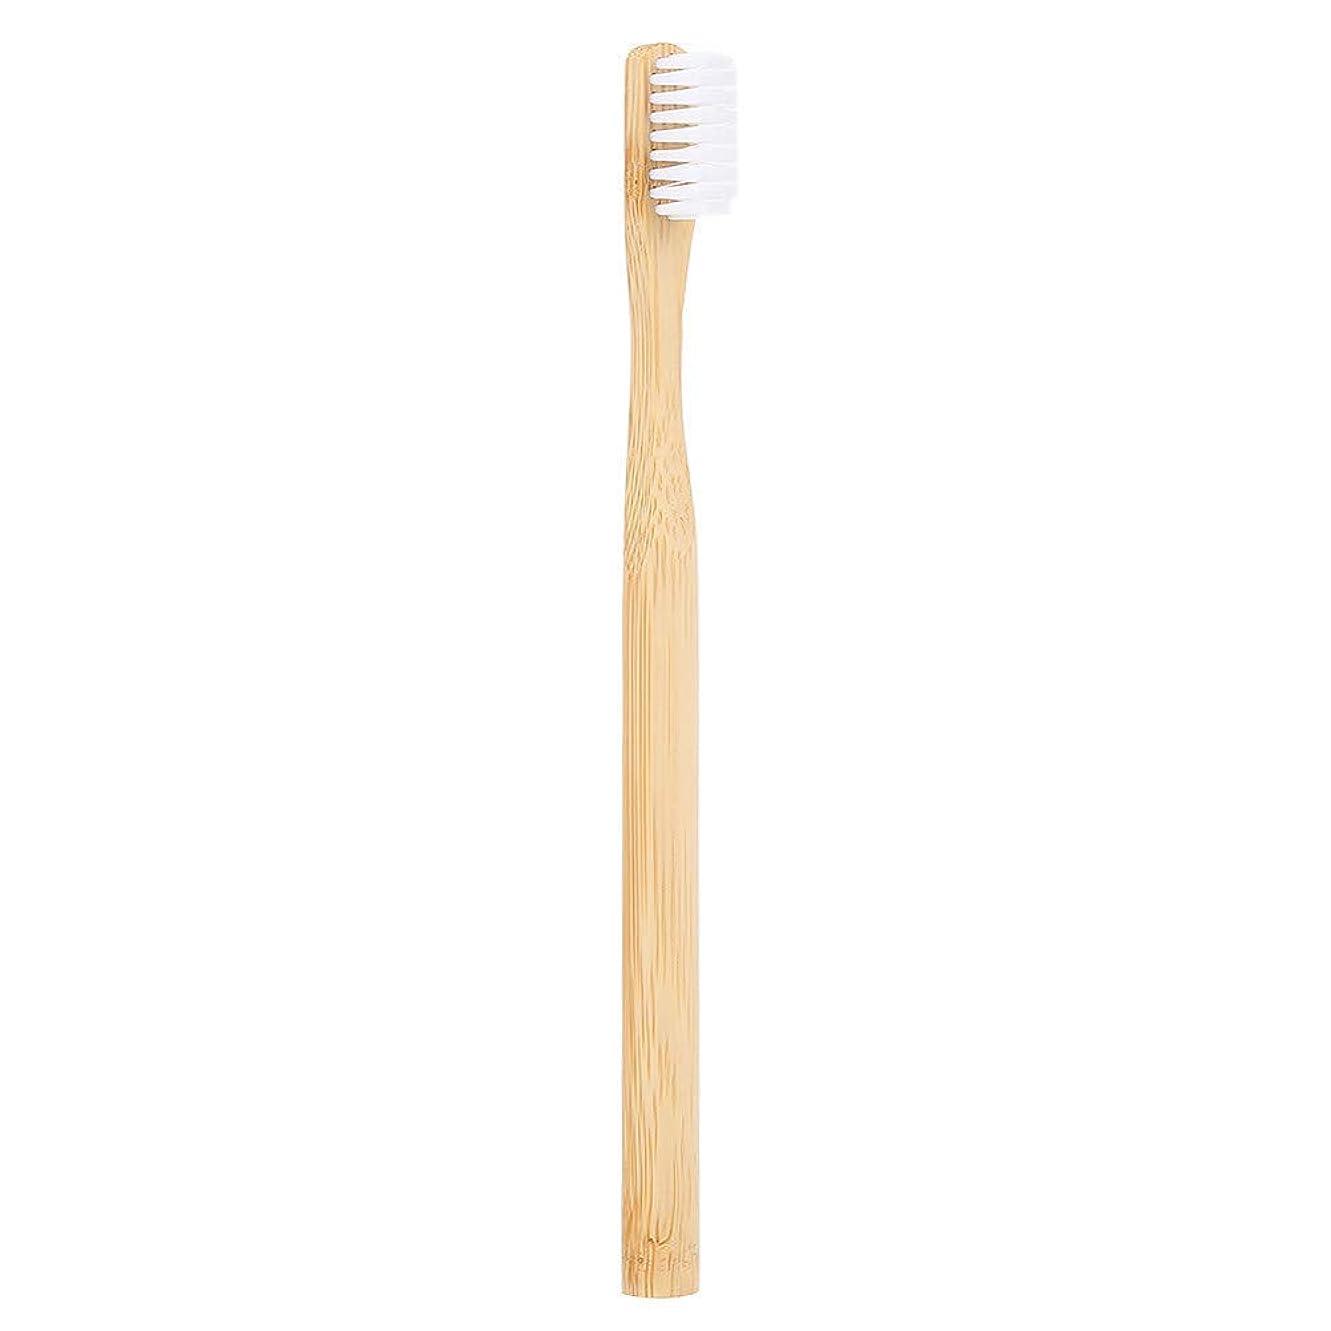 きしむ参照ステートメント2ピース自然環境に優しい竹歯ブラシ柔らかい毛ナチュラルハンドル歯クリーニングオーラルケア旅行歯ブラシ、C